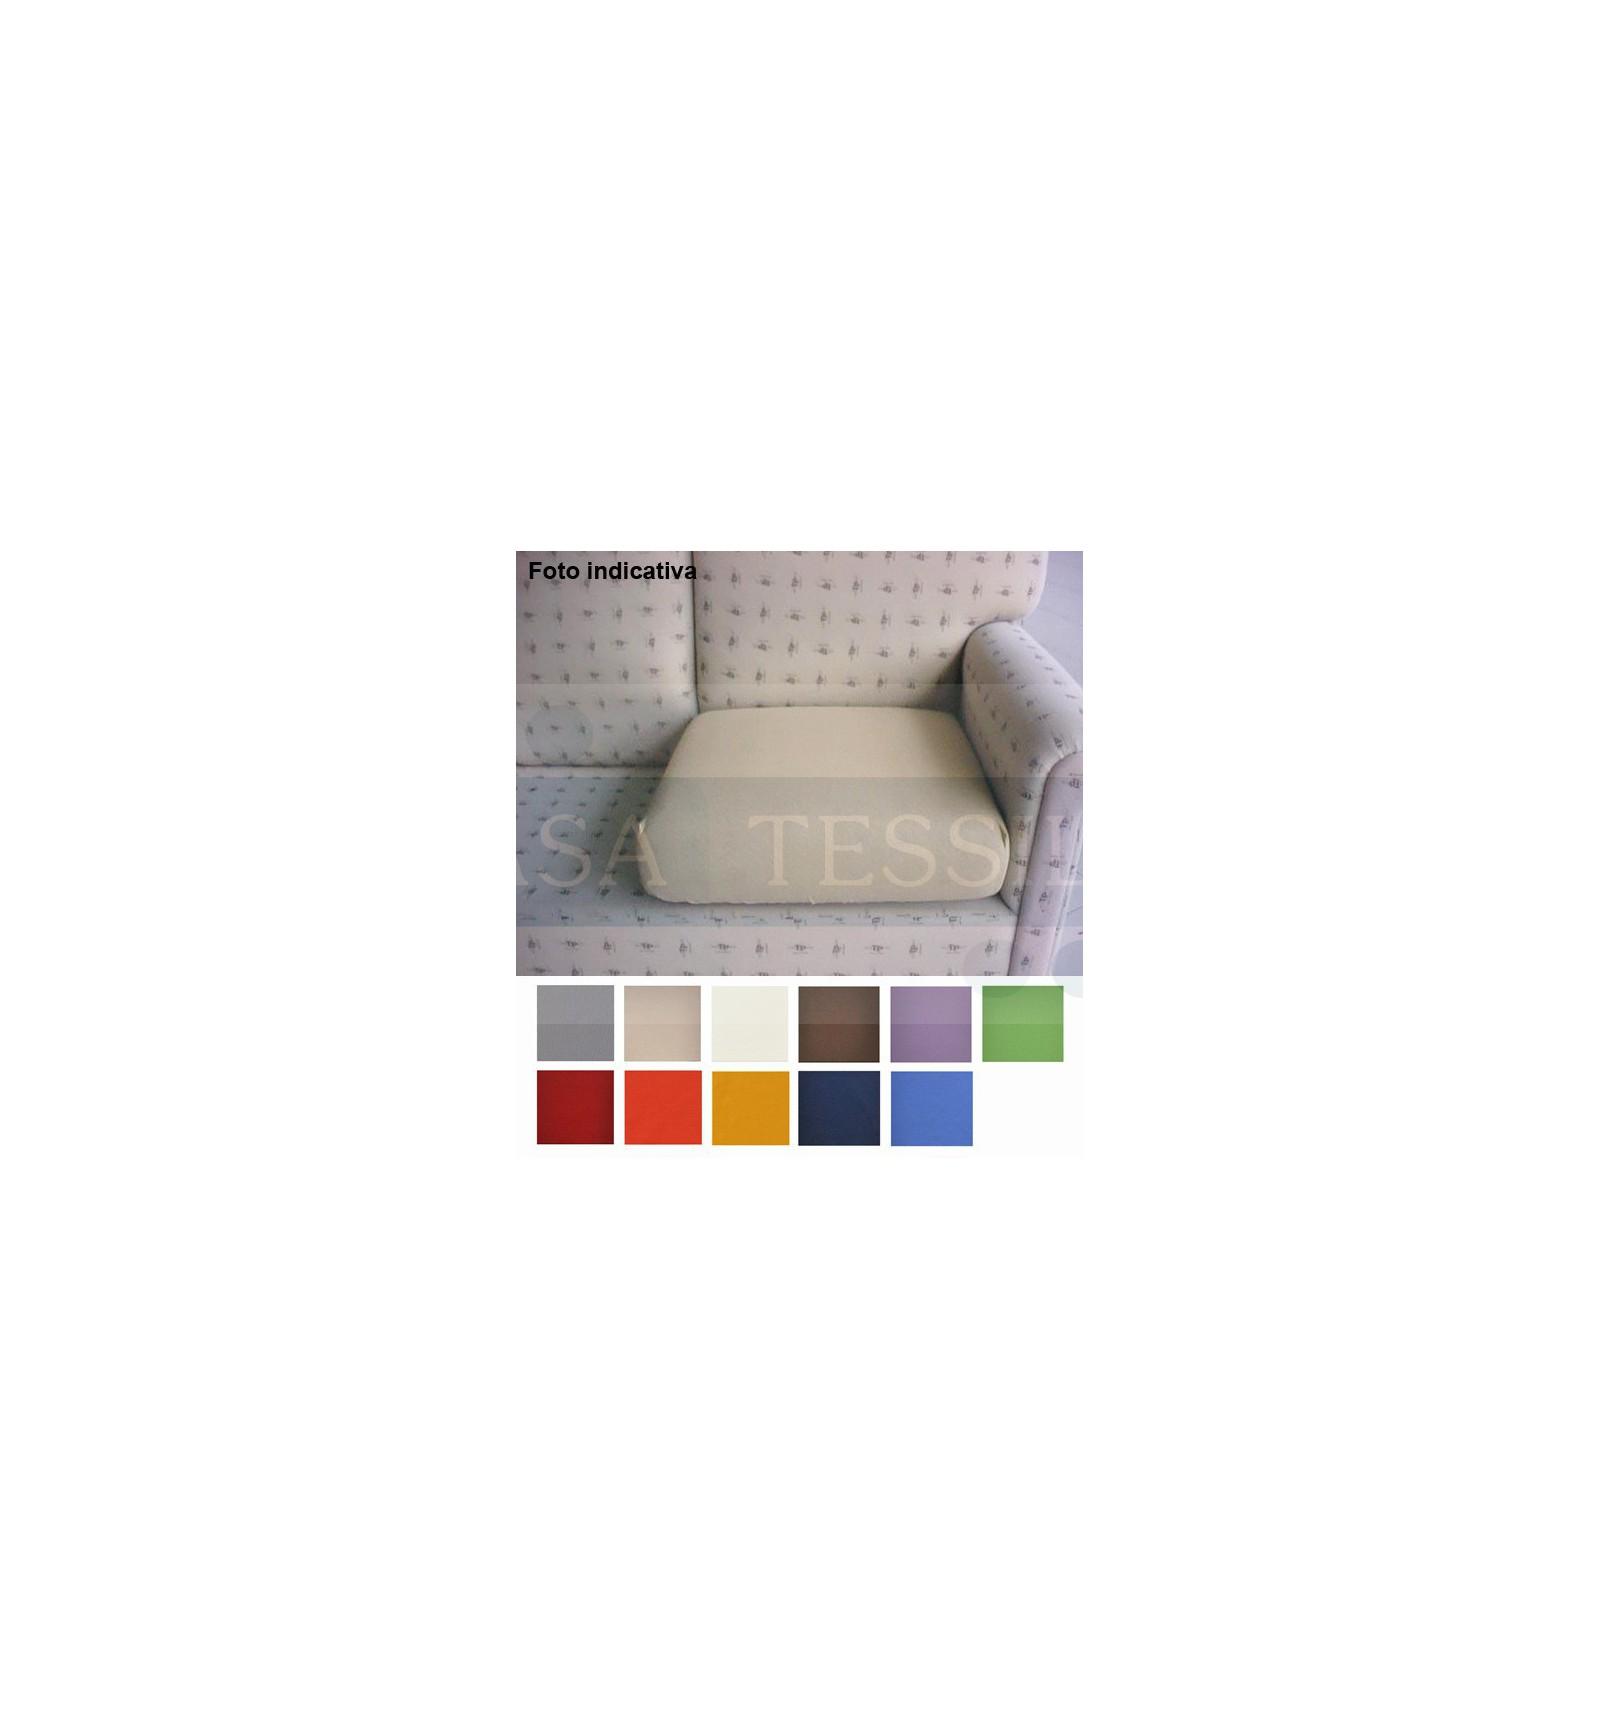 tissu anti t ches housse de coussin 3 places est extensible de 160 220 cm antimacchia casa. Black Bedroom Furniture Sets. Home Design Ideas